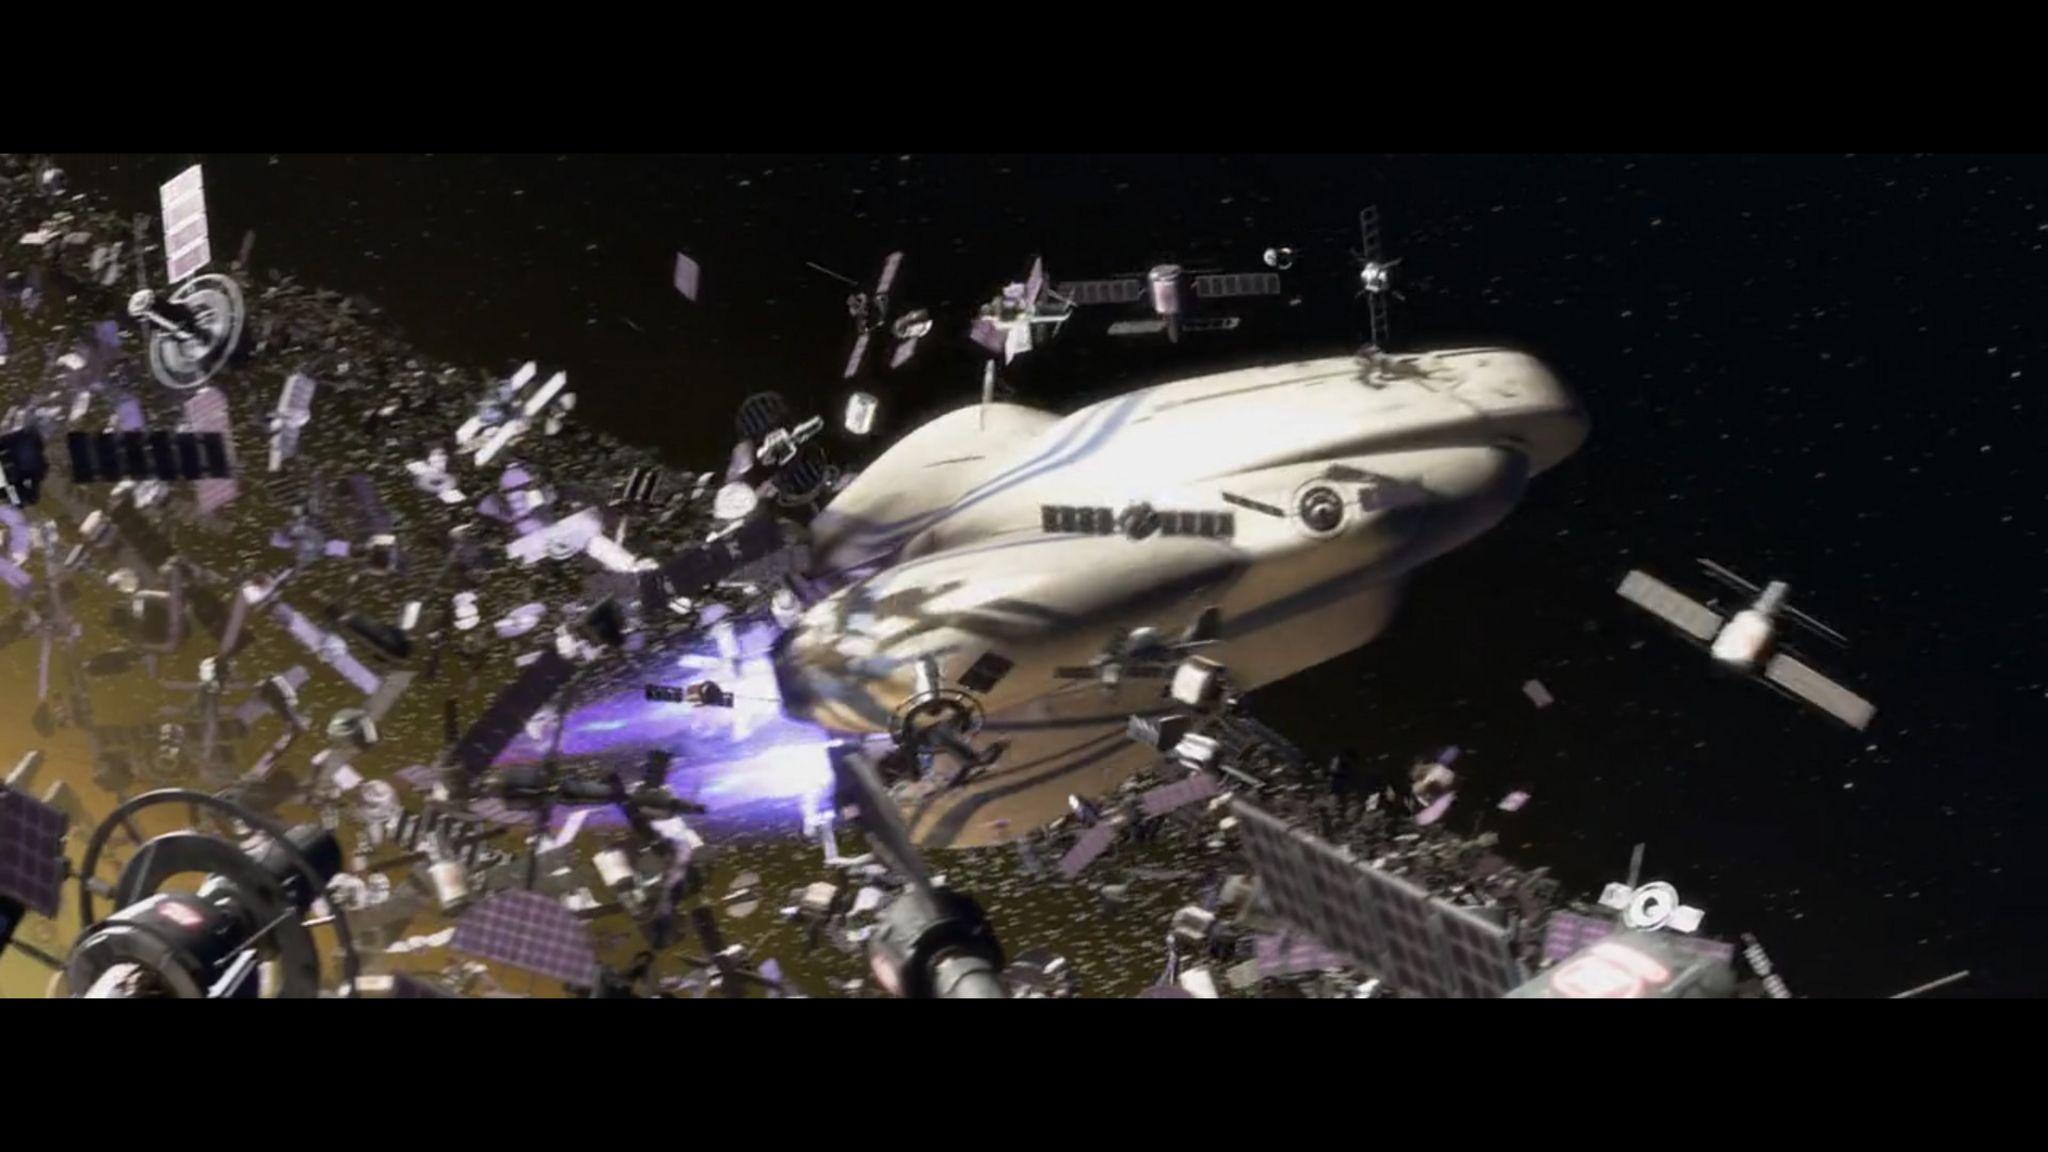 Wall-E satellite space junk scene